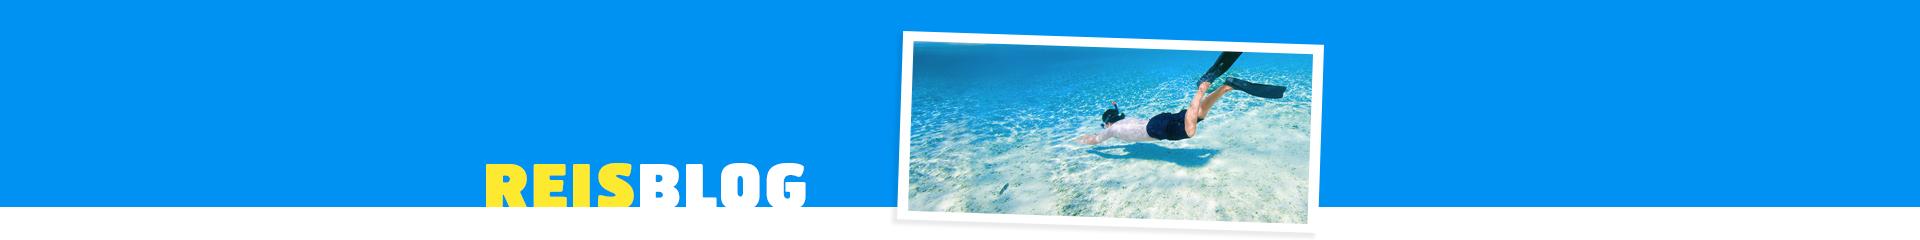 Duiken in de tropische zee tijdens een vakantie in de Malediven